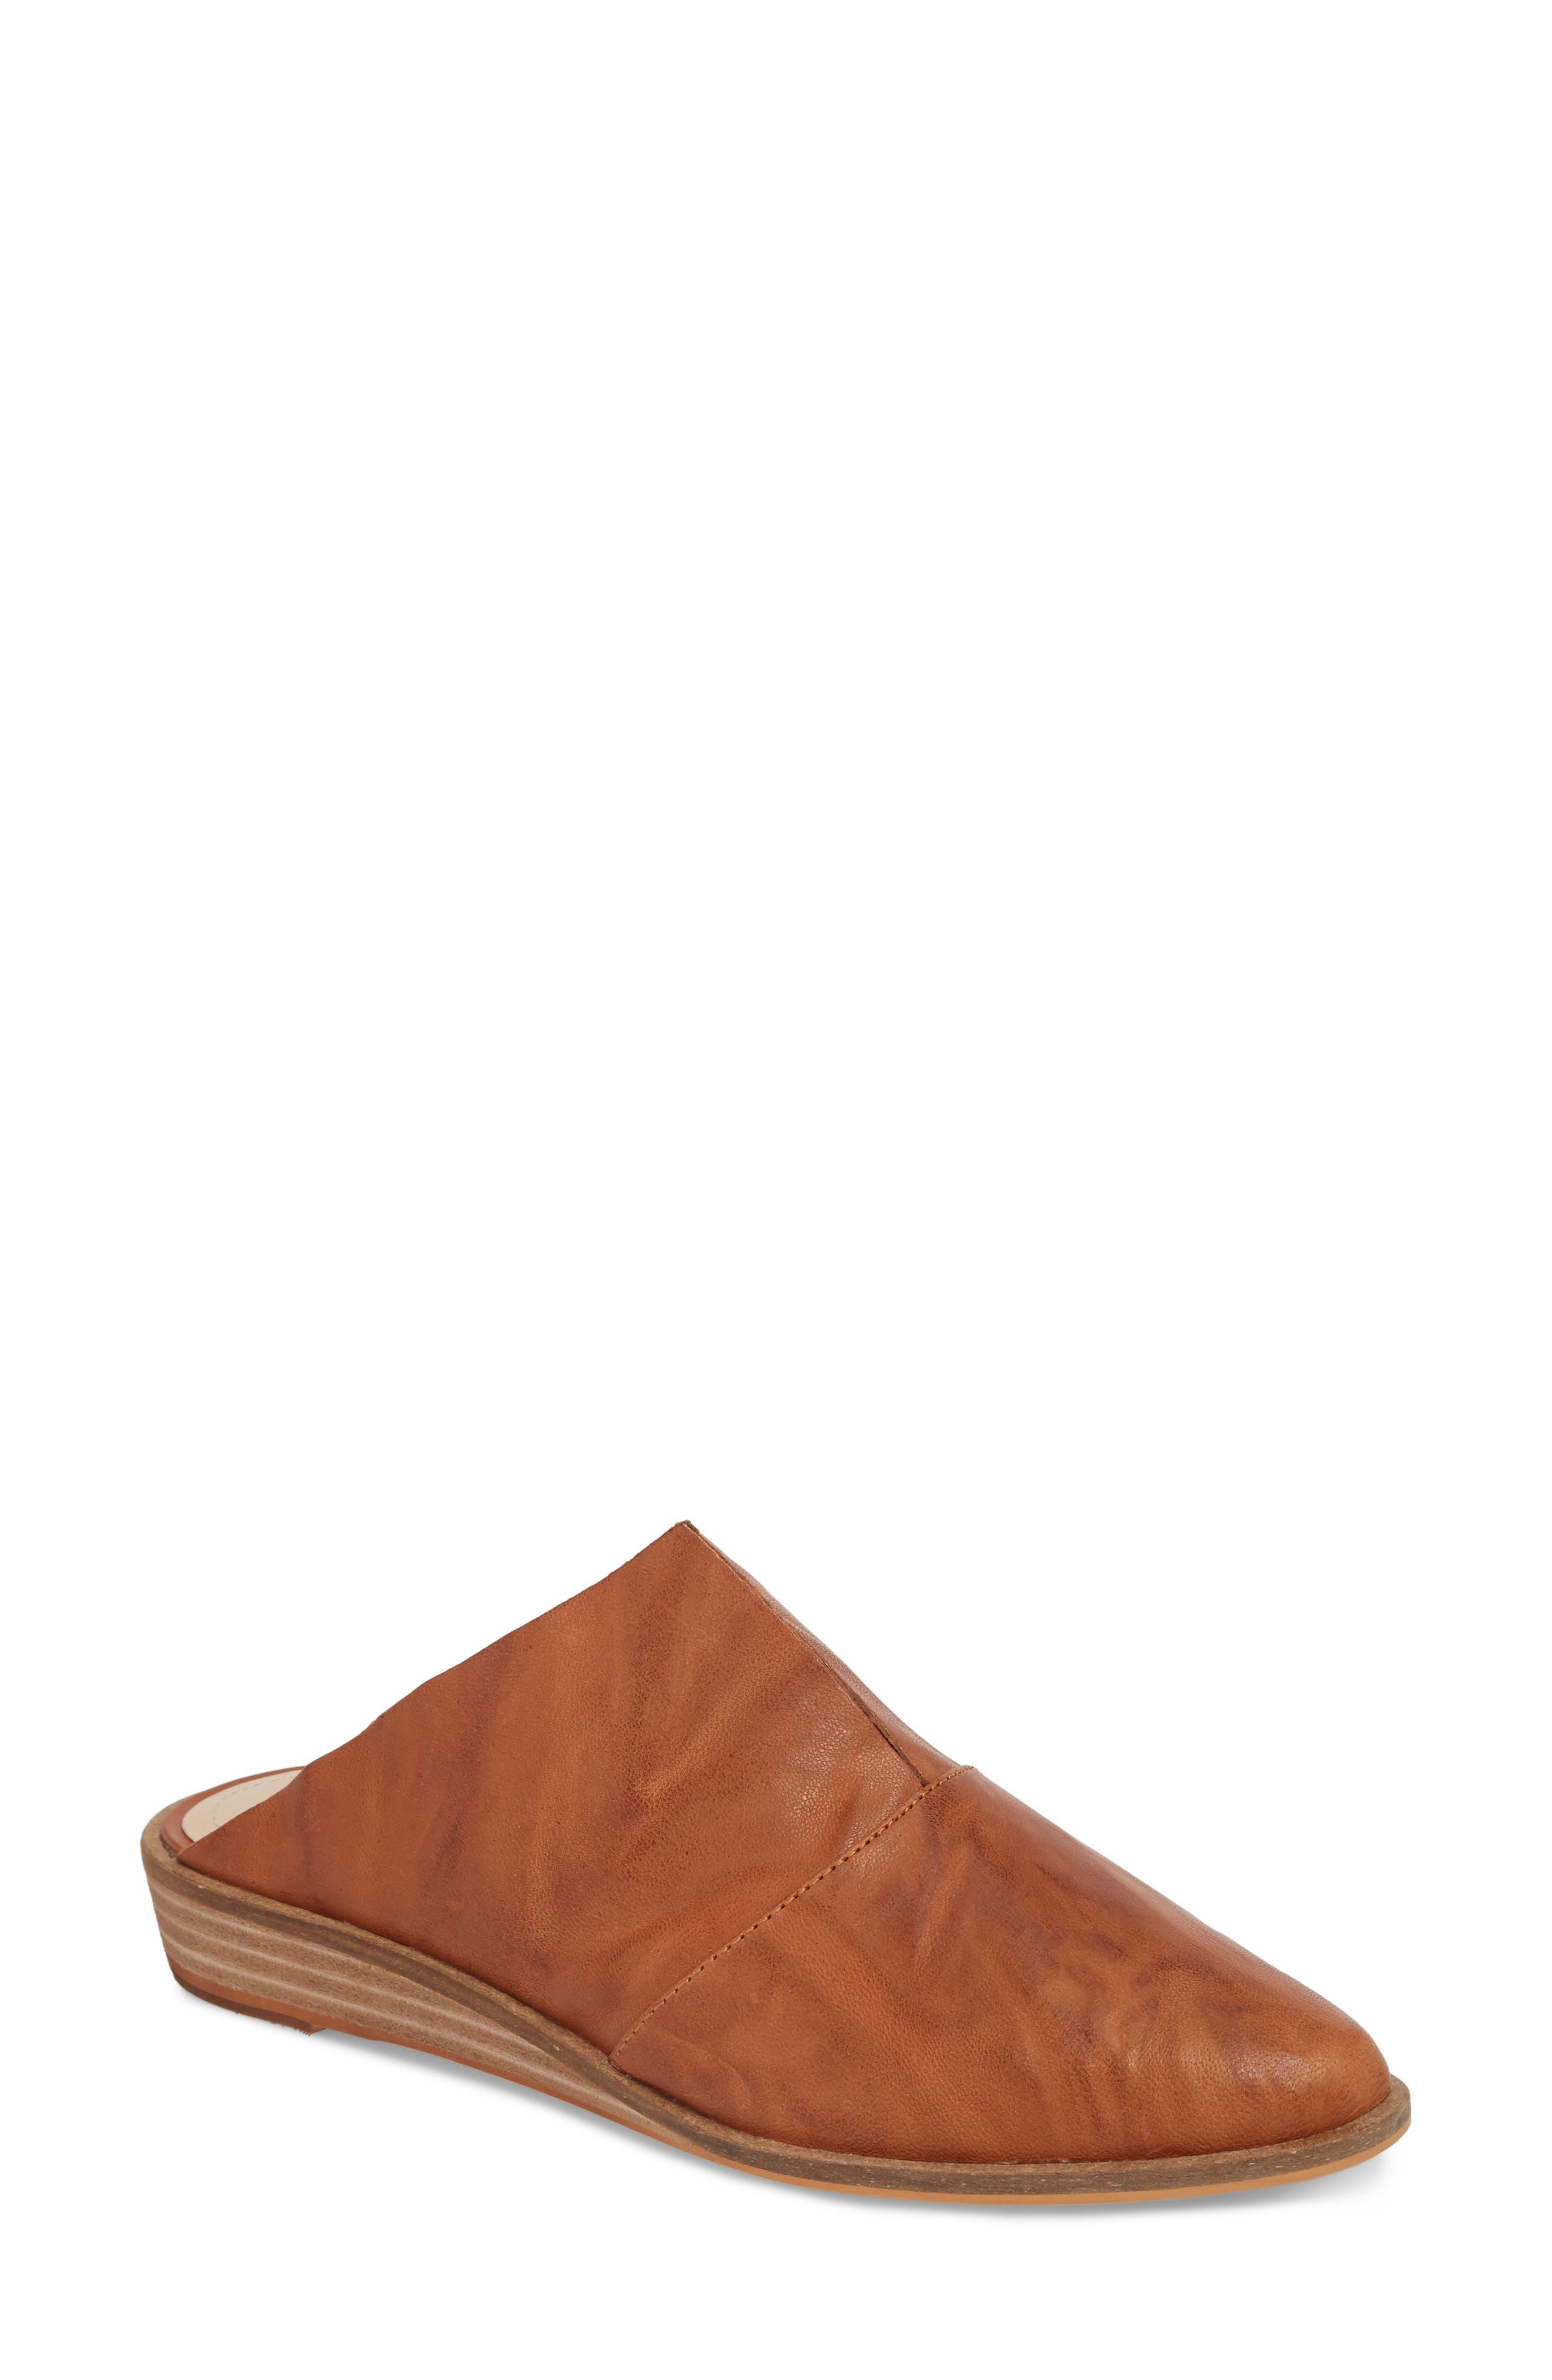 Kelsi Dagger Brooklyn Avenue Leather Mule EJ5vwKNmWE